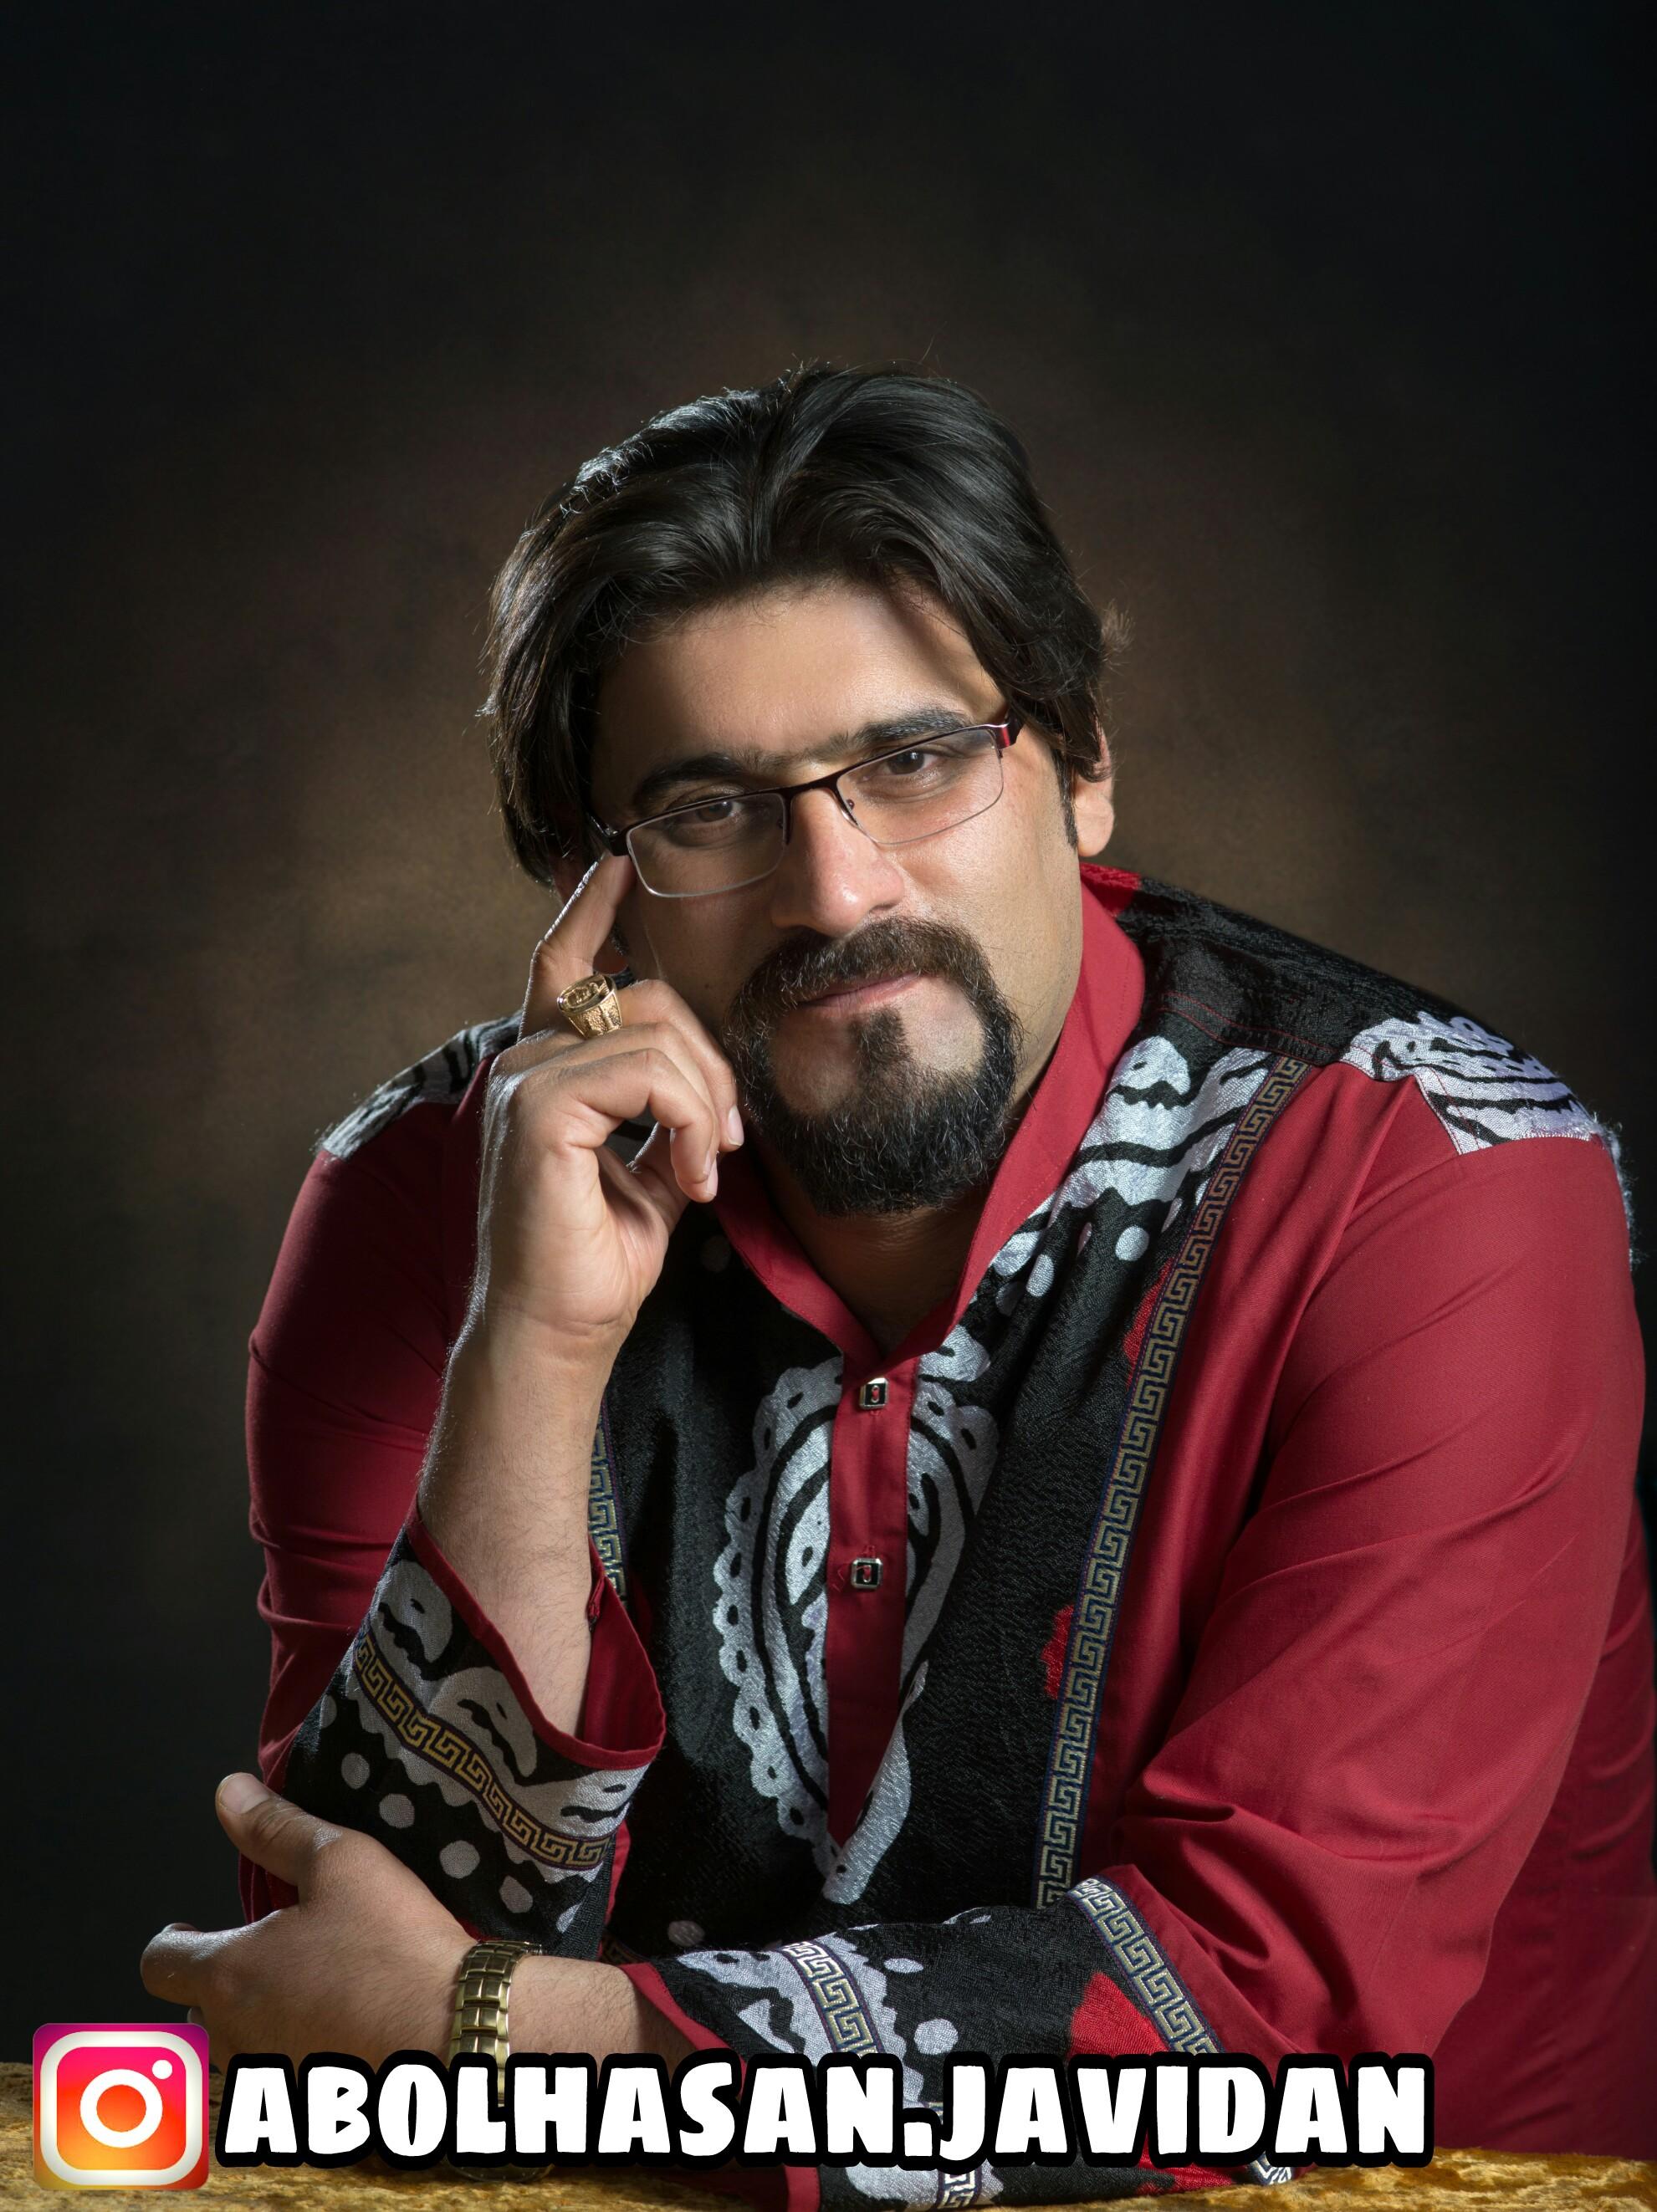 دانلود آهنگ بختیاری ابوالحسن جاویدان به نام تشک افتو